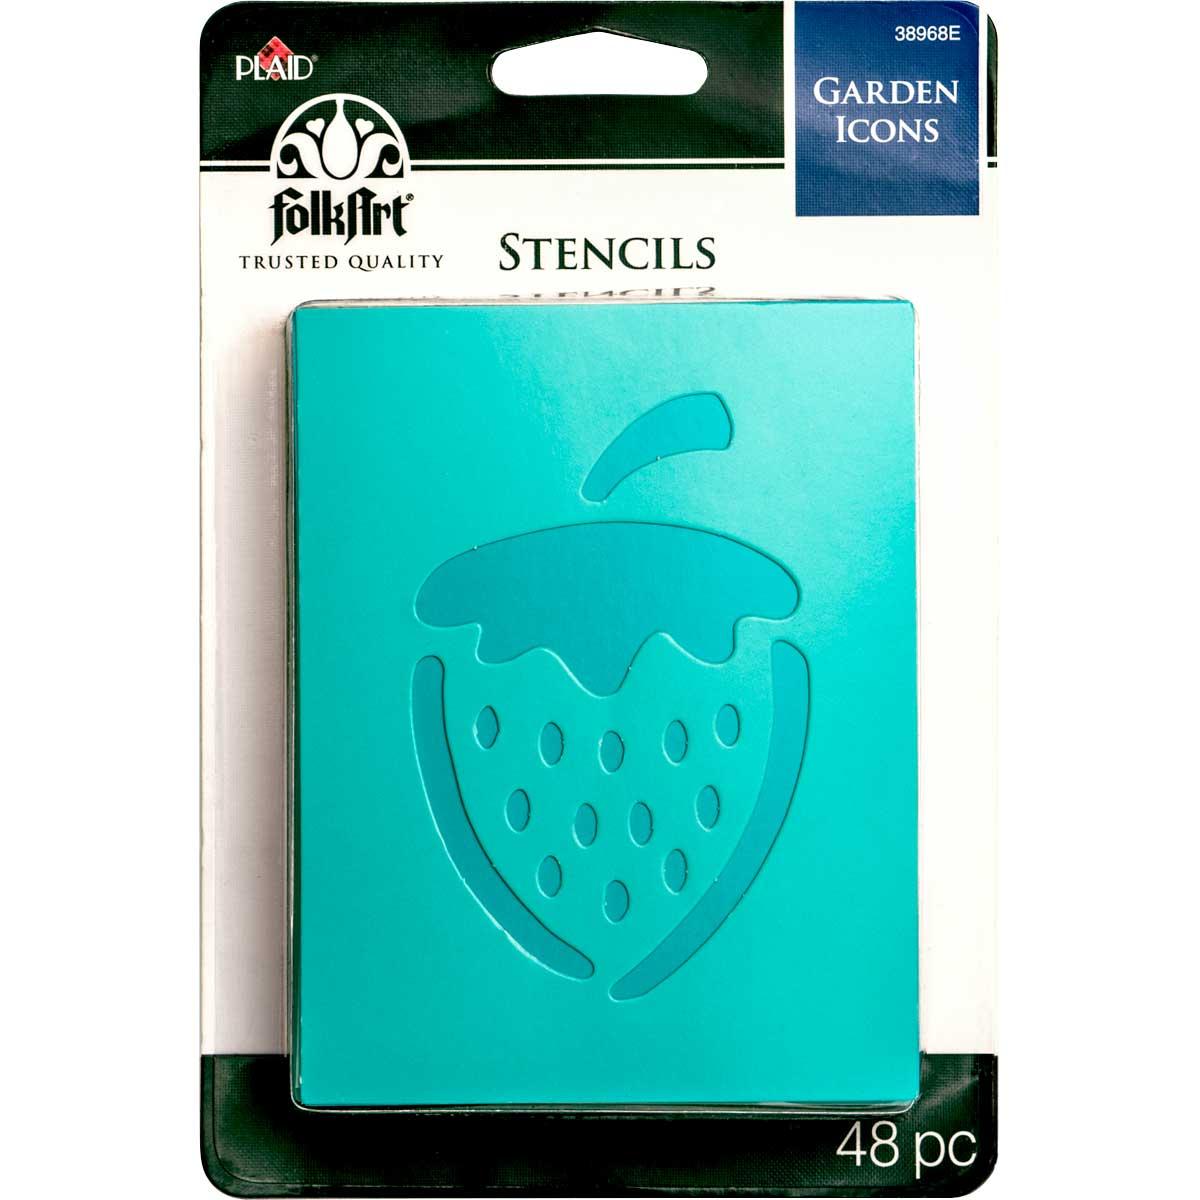 FolkArt ® Stencil Value Packs - Garden Icons - 38968E